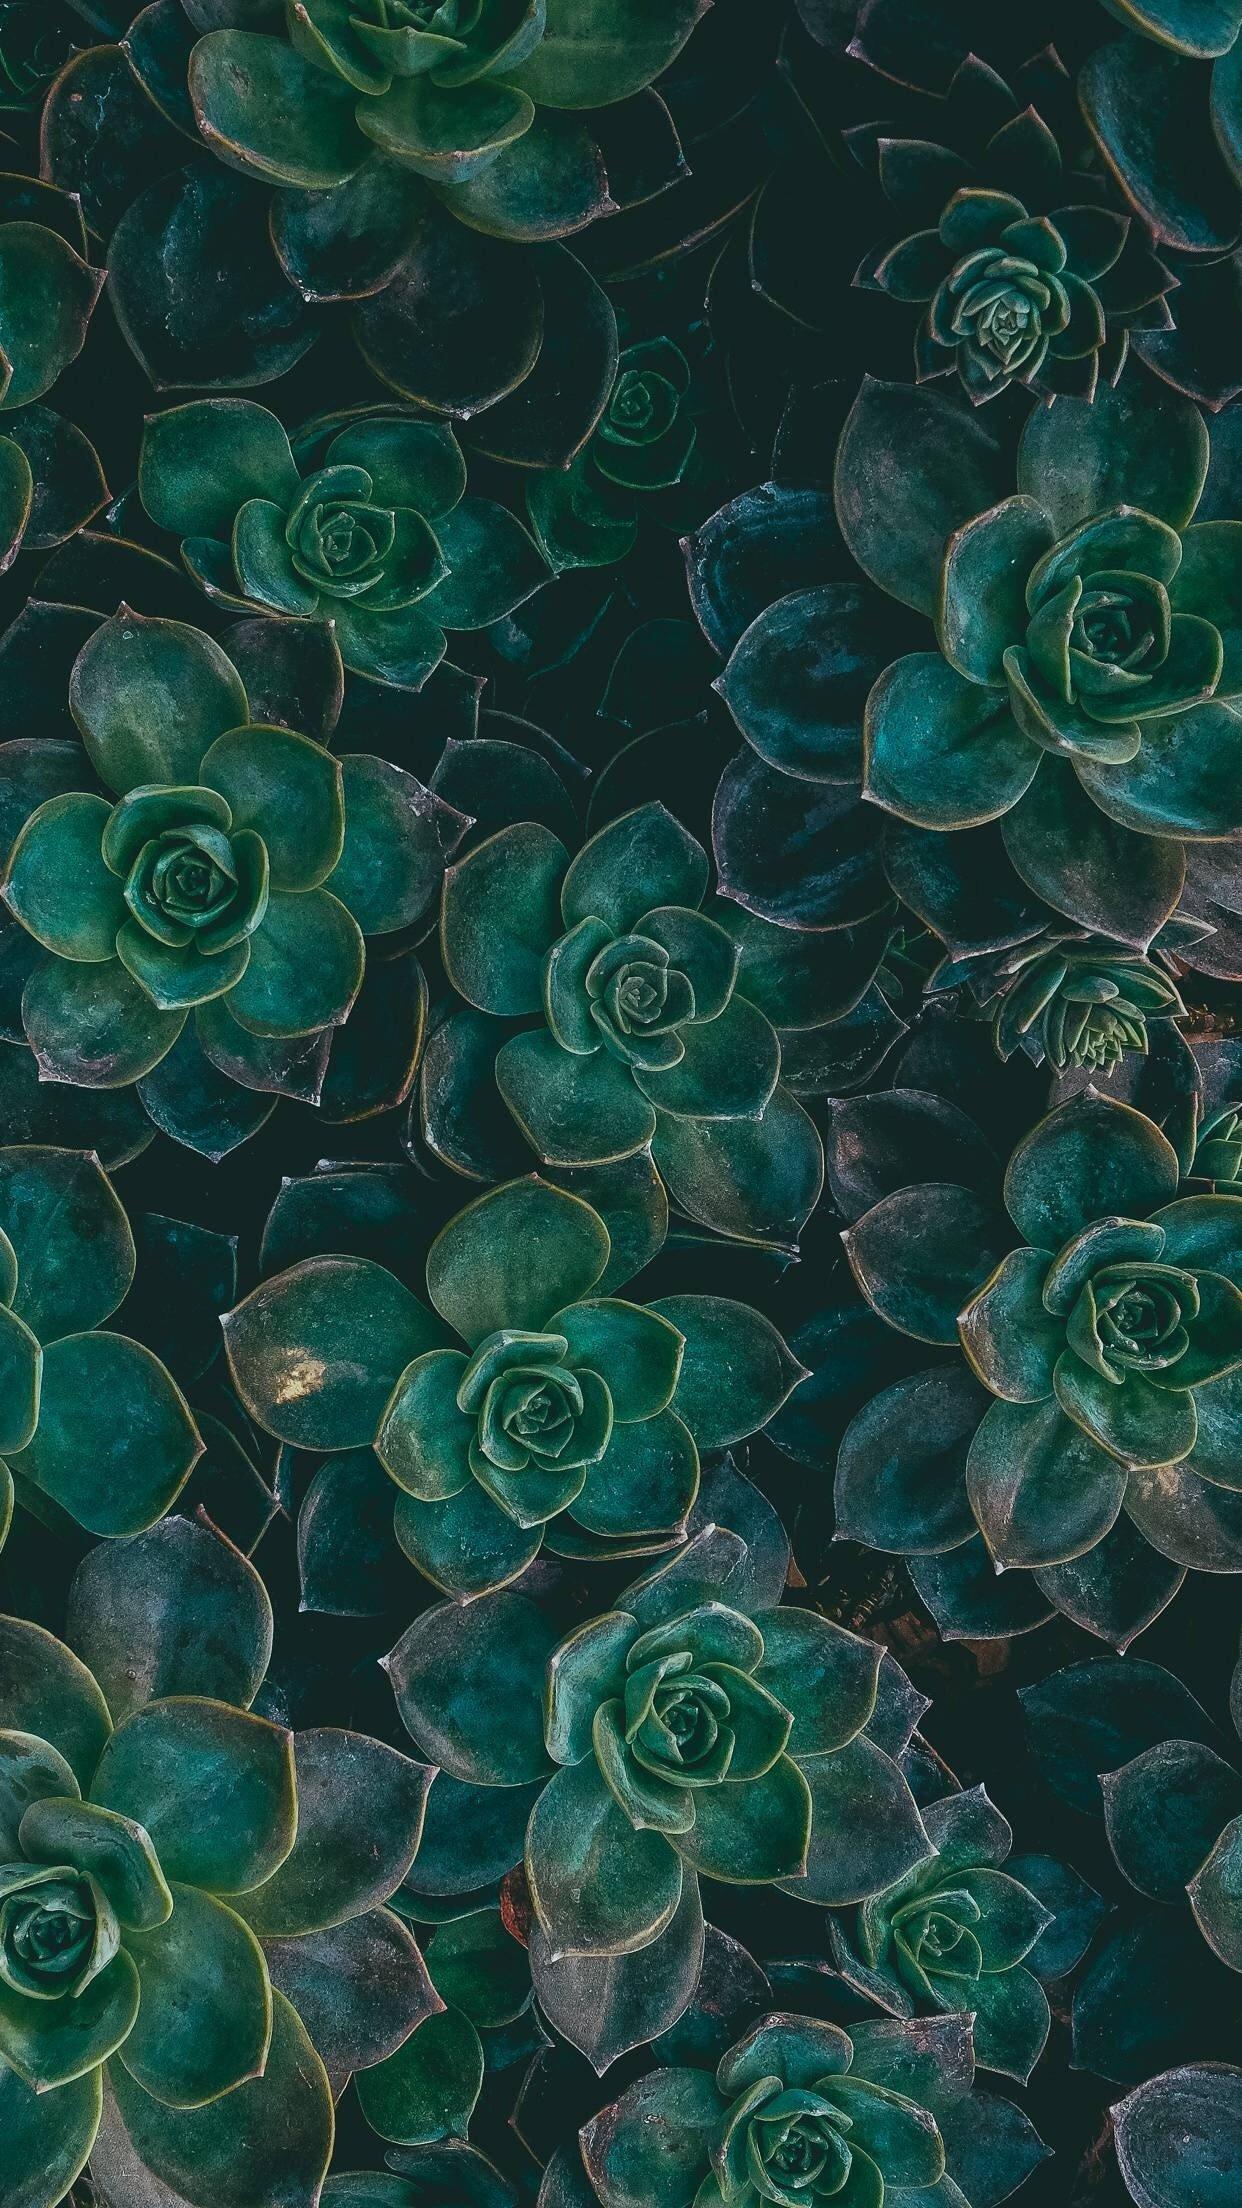 Wallpapers para celular que te conectar n con la naturaleza - Turquoise wallpaper pinterest ...